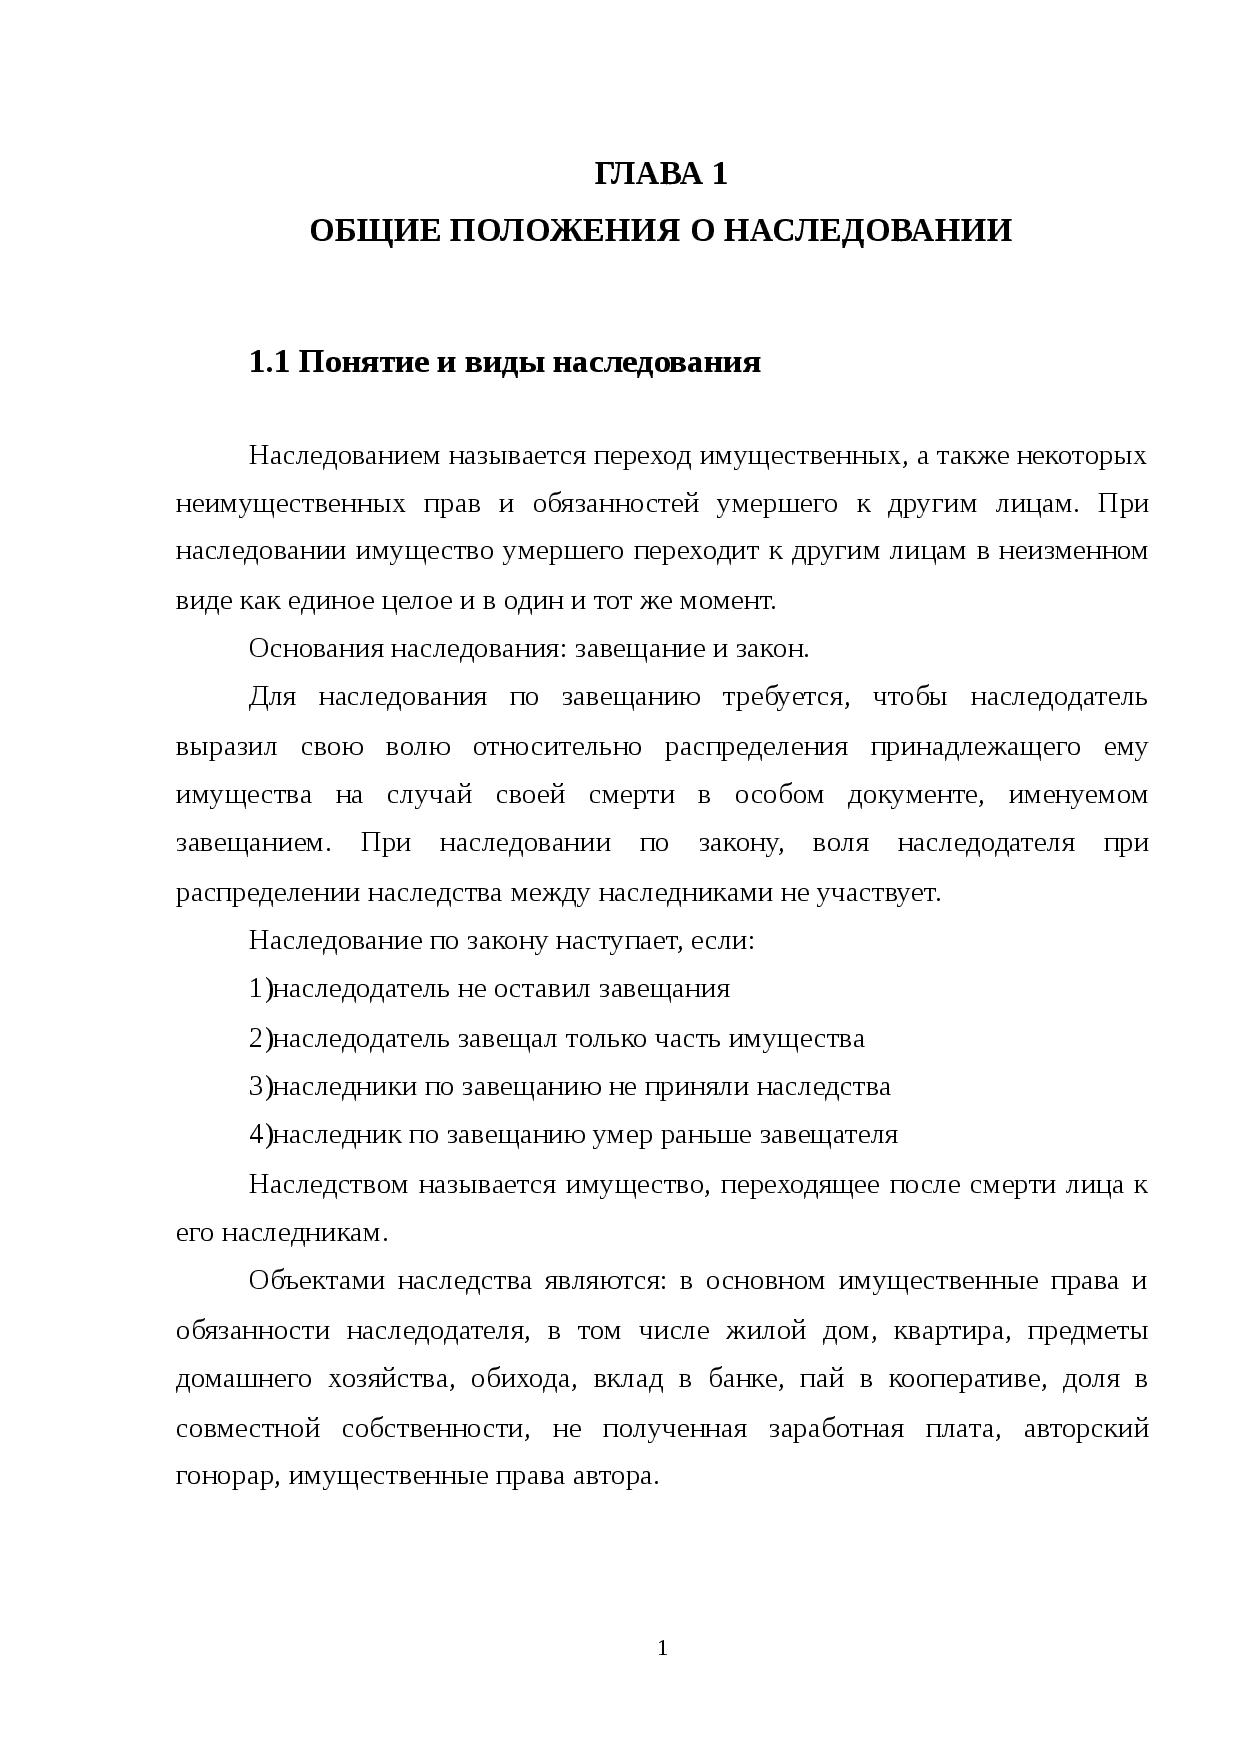 Формы и виды наследования